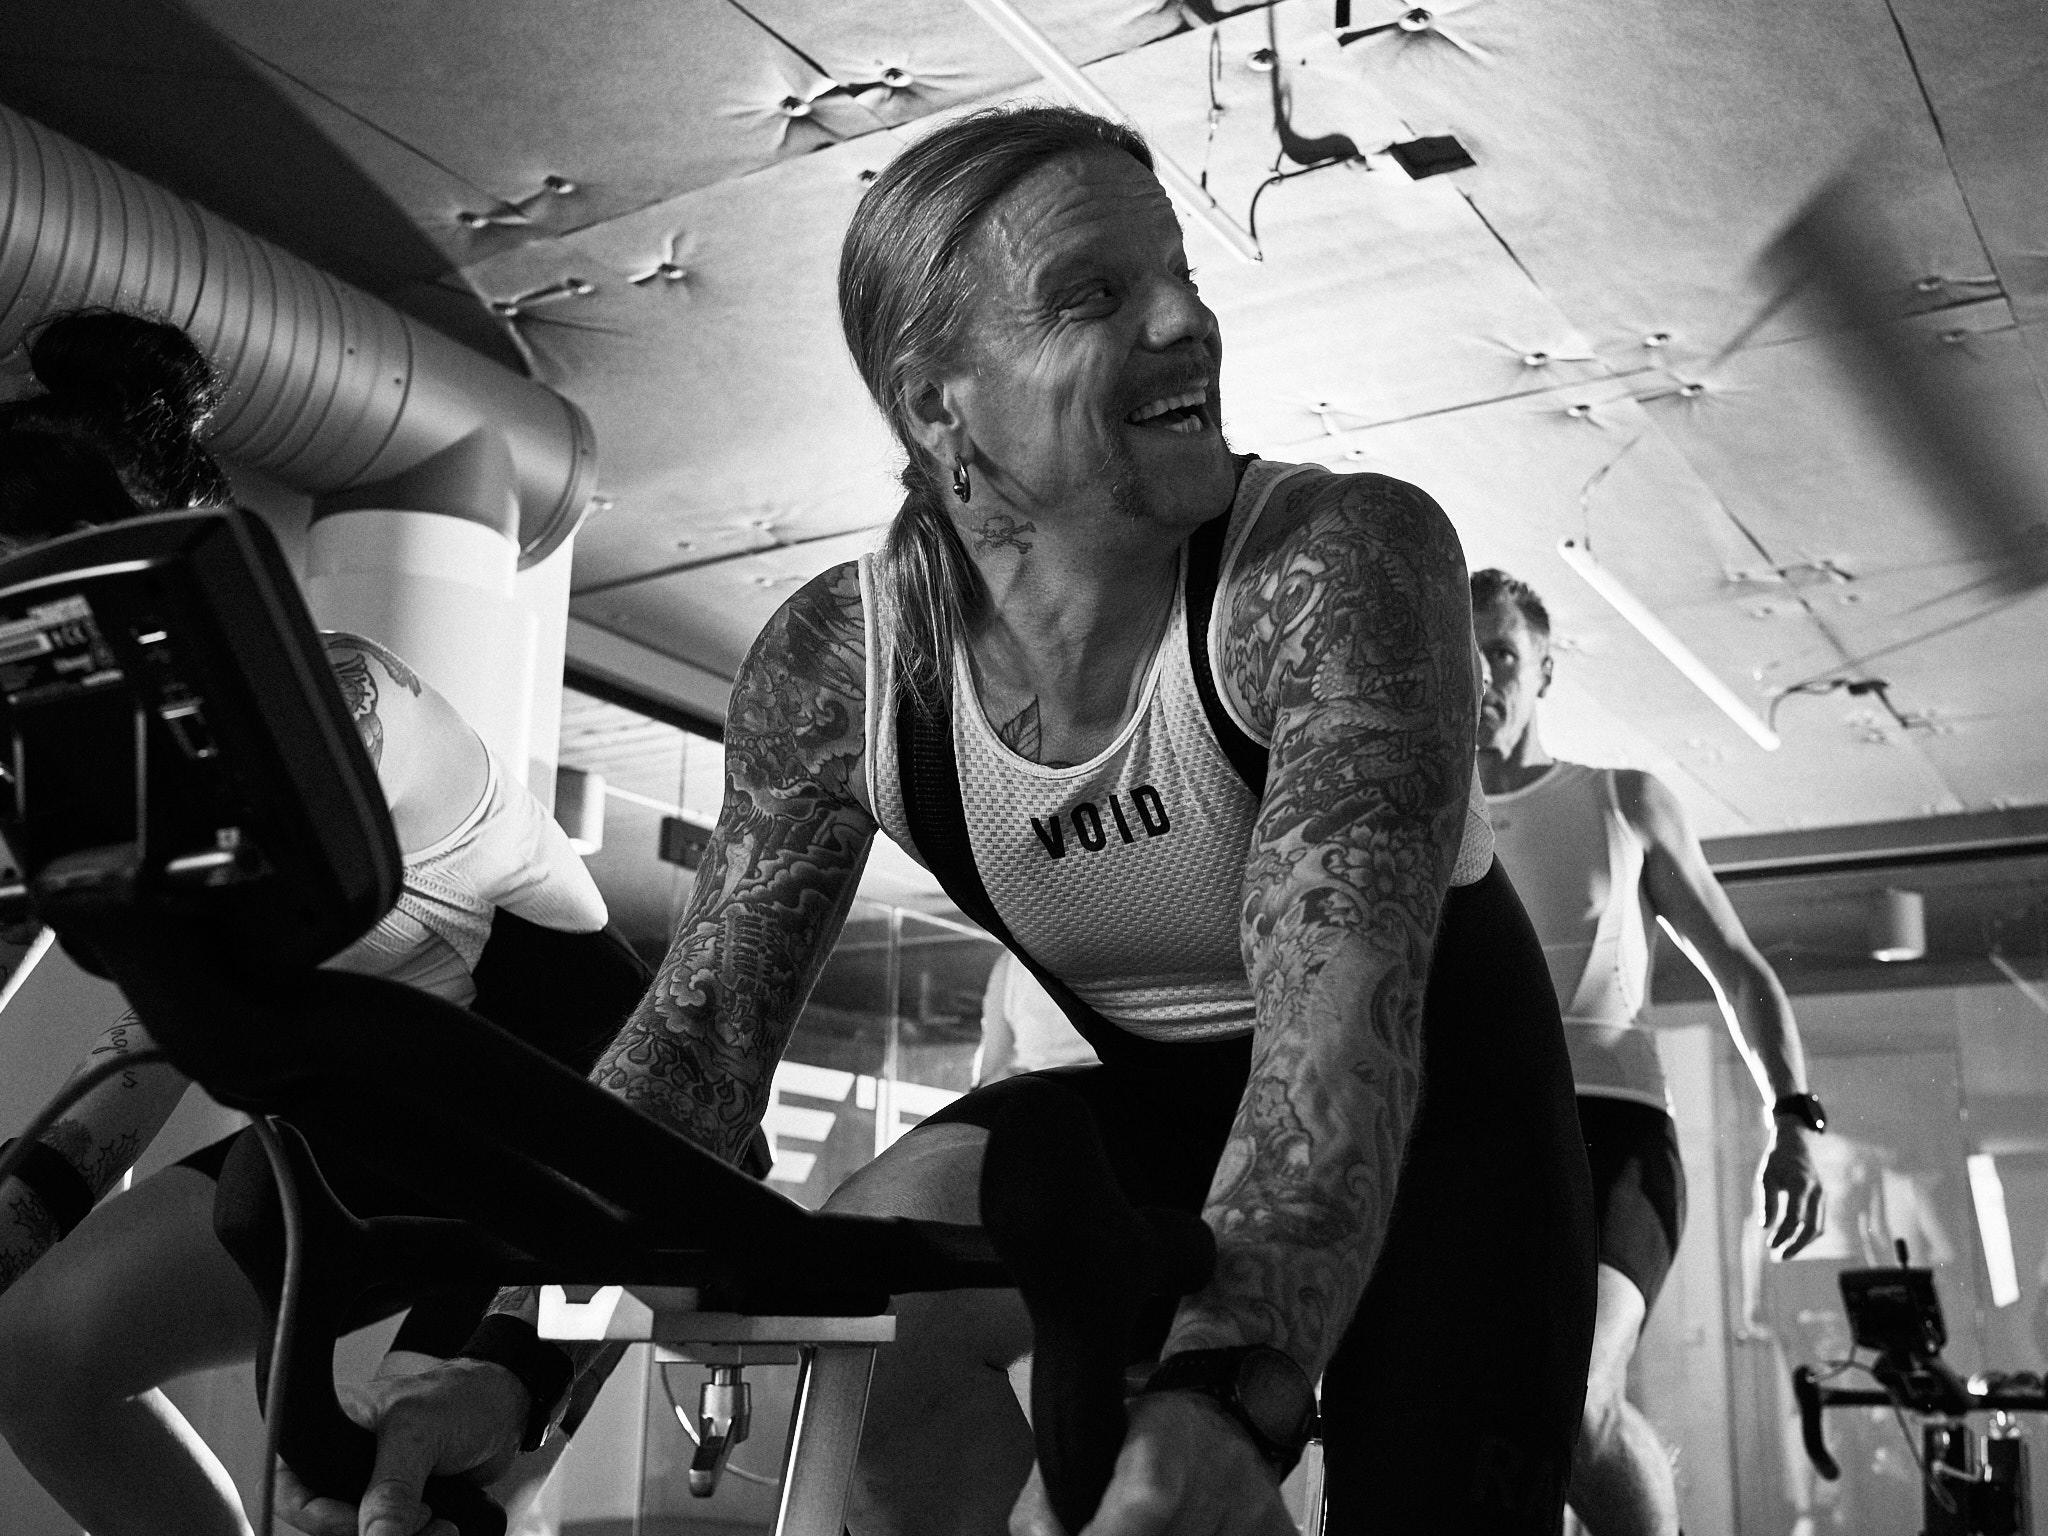 Patrik Åhlen - AKA Putte From Hell. Vår egen hårdrocksälskande triathlet och coach. När han inte coachar en av våra klasser, så cyklar han en klass själv. Cyklar allttid till studion, är springcoach hos Urban Tribes, och tränar oftast inför ett Iron Man.